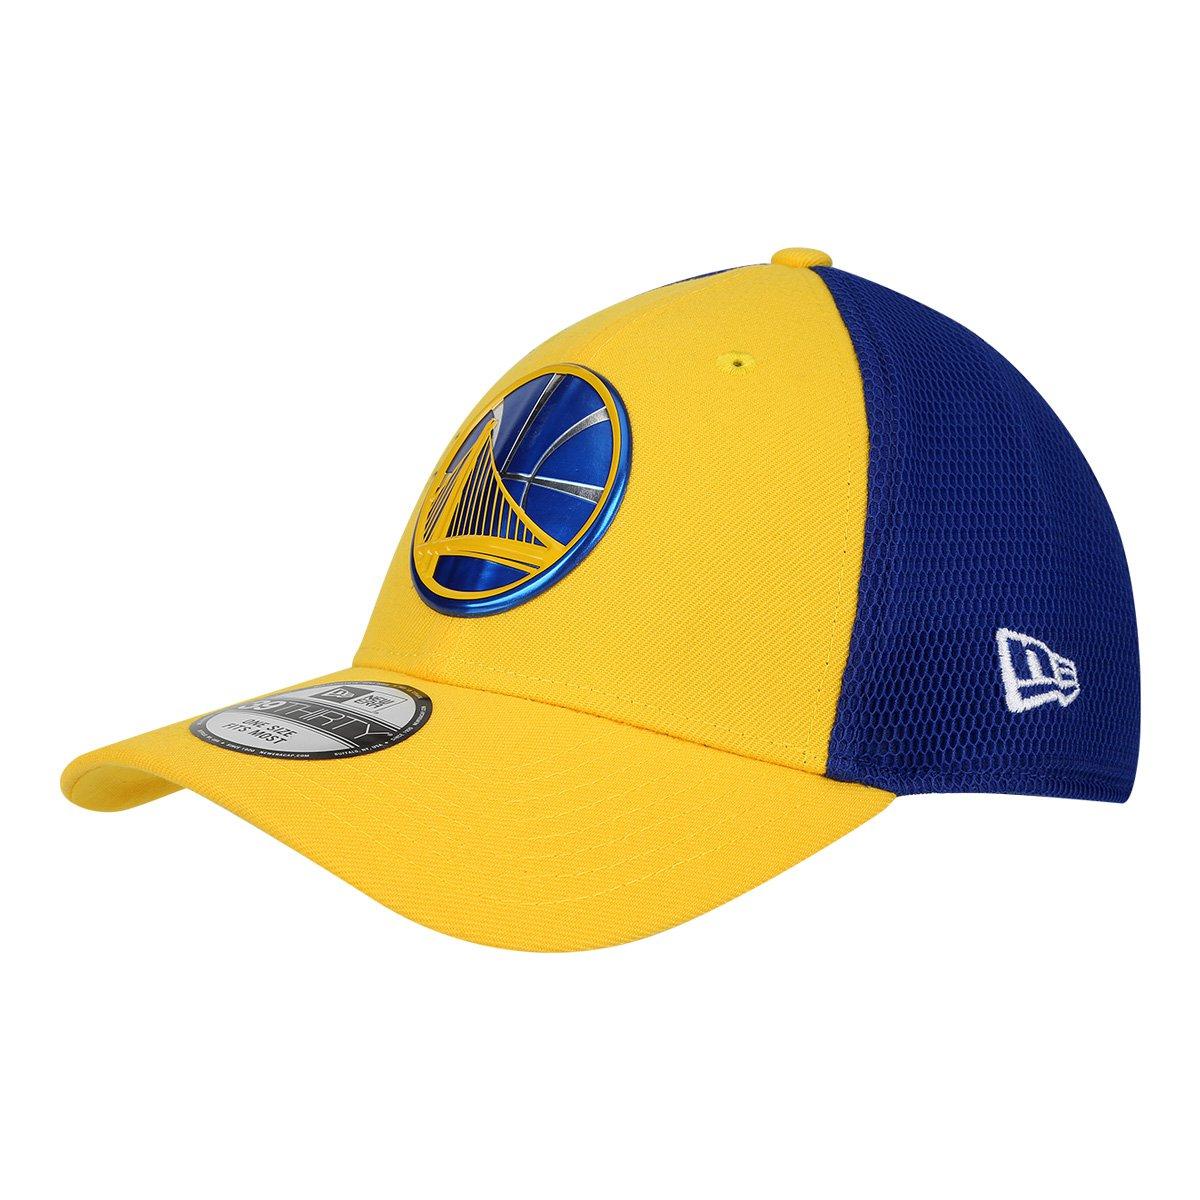 Boné New Era NBA Golden State Warriors Aba Curva 3930 17 Onc 2 Masculino -  Amarelo e Azul - Compre Agora  fc909a00811